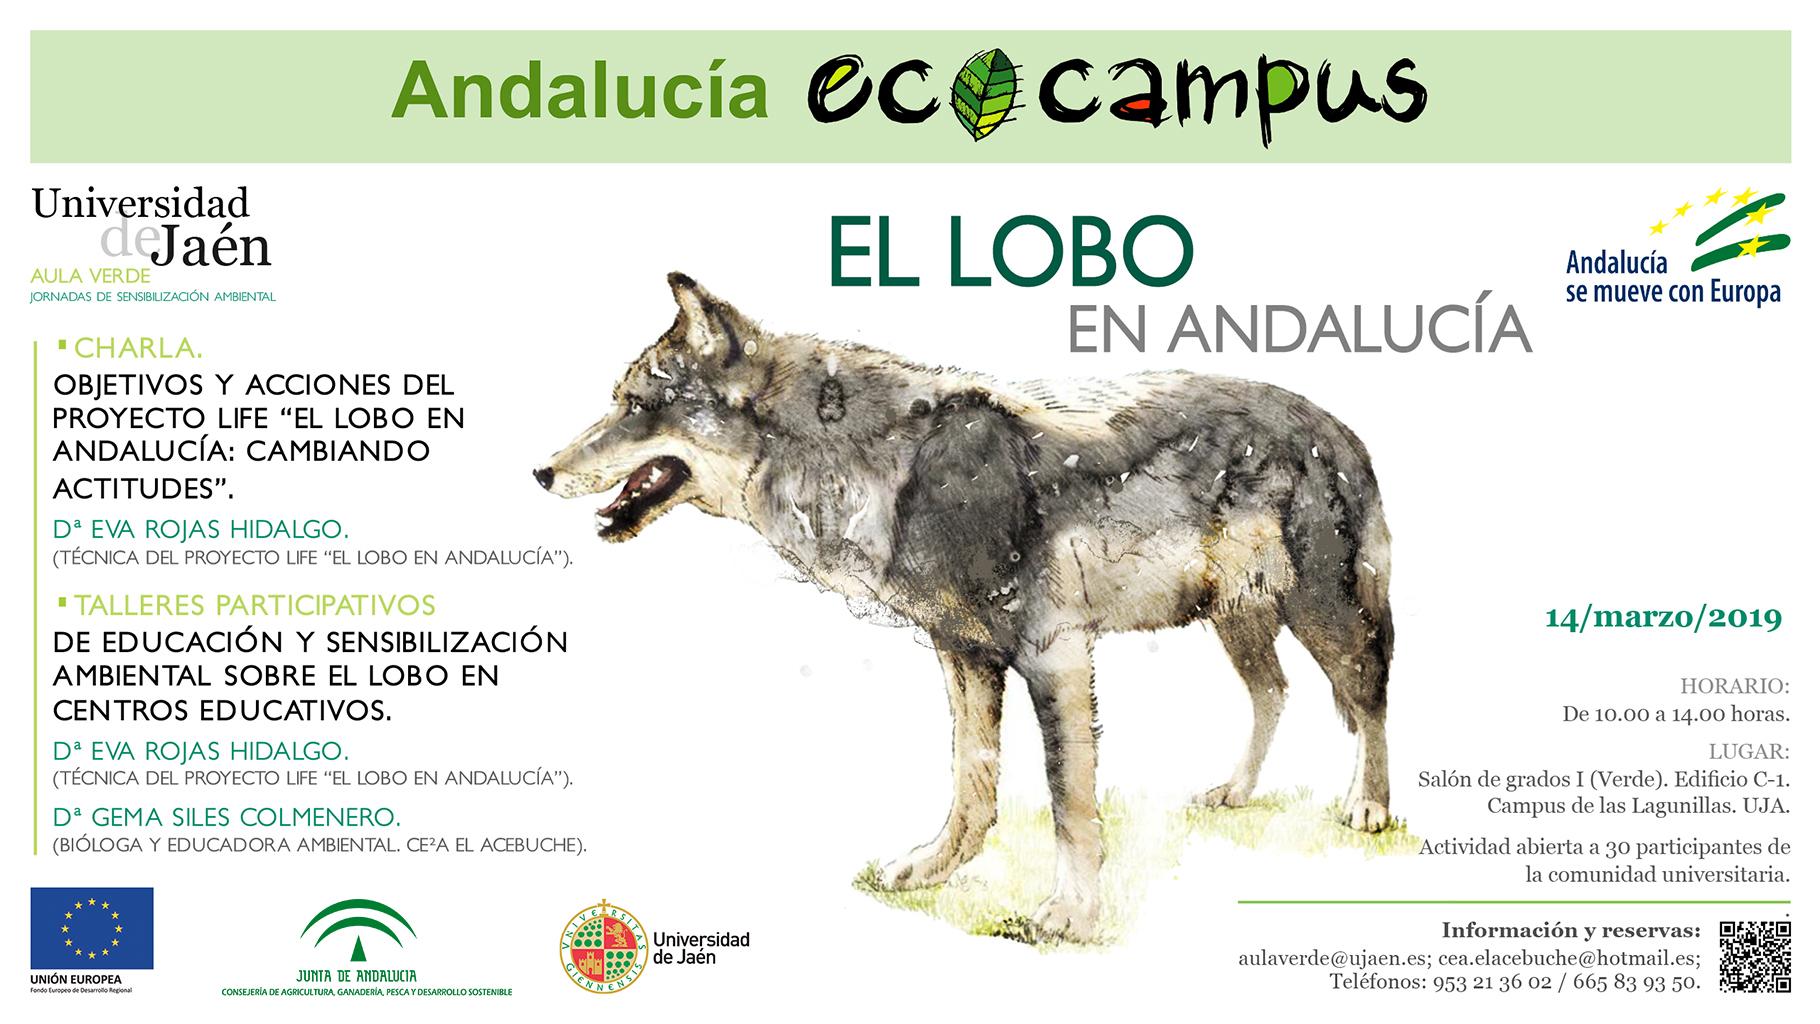 EL LOBO EN ANDALUCIA